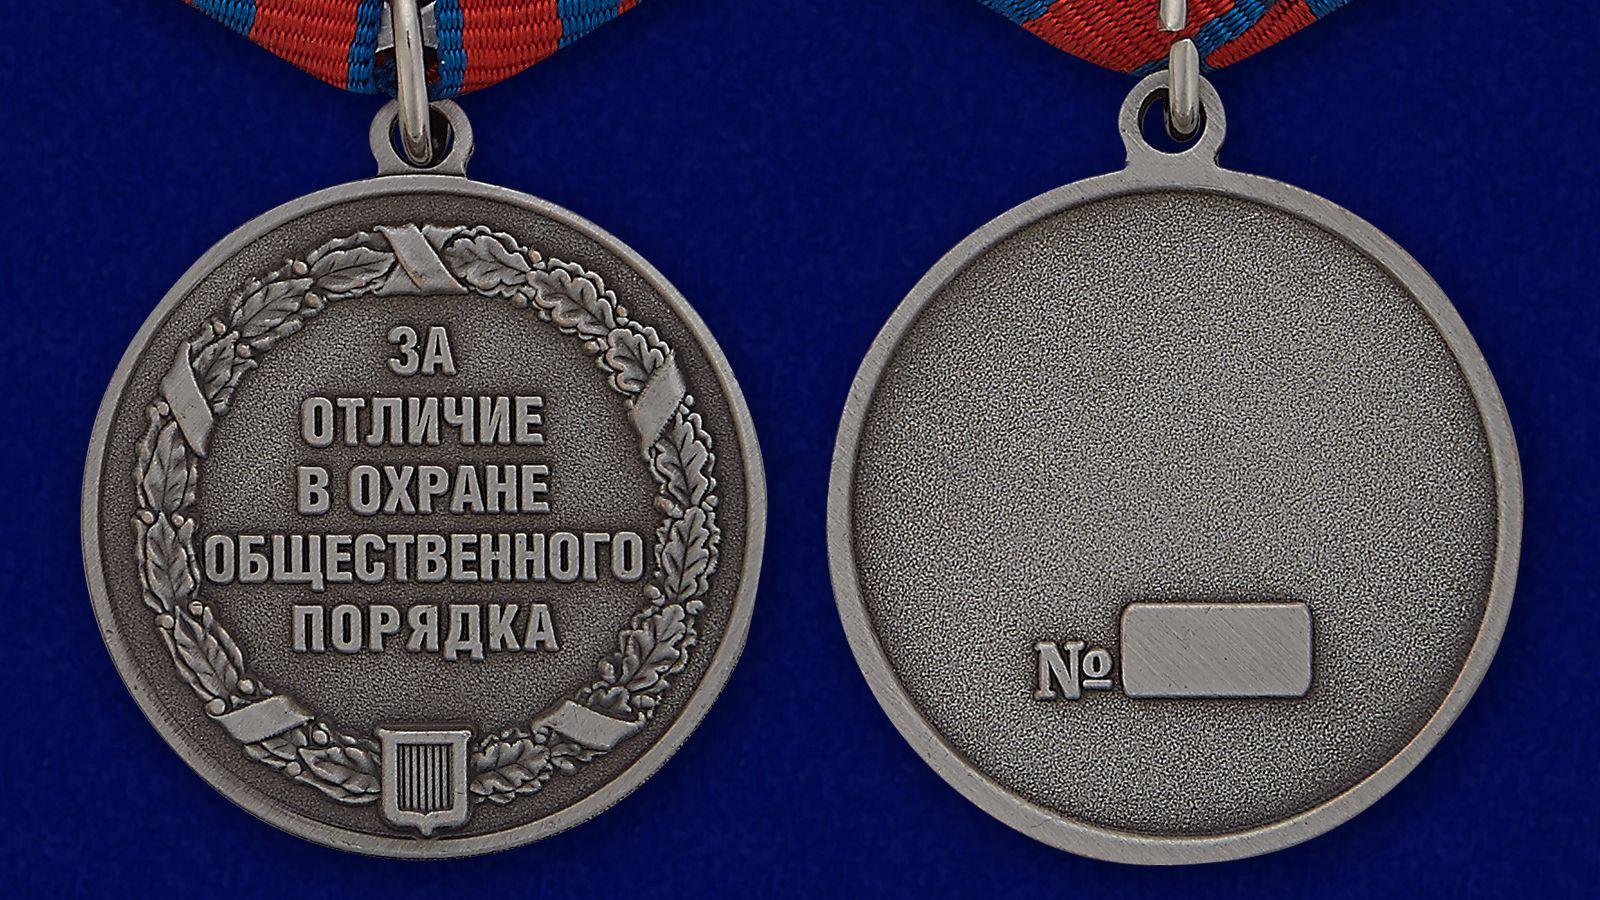 """Латунная медаль """"За отличие в охране общественного порядка"""" в красивом футляре из флока с пластиковой крышкой - аверс и реверс"""